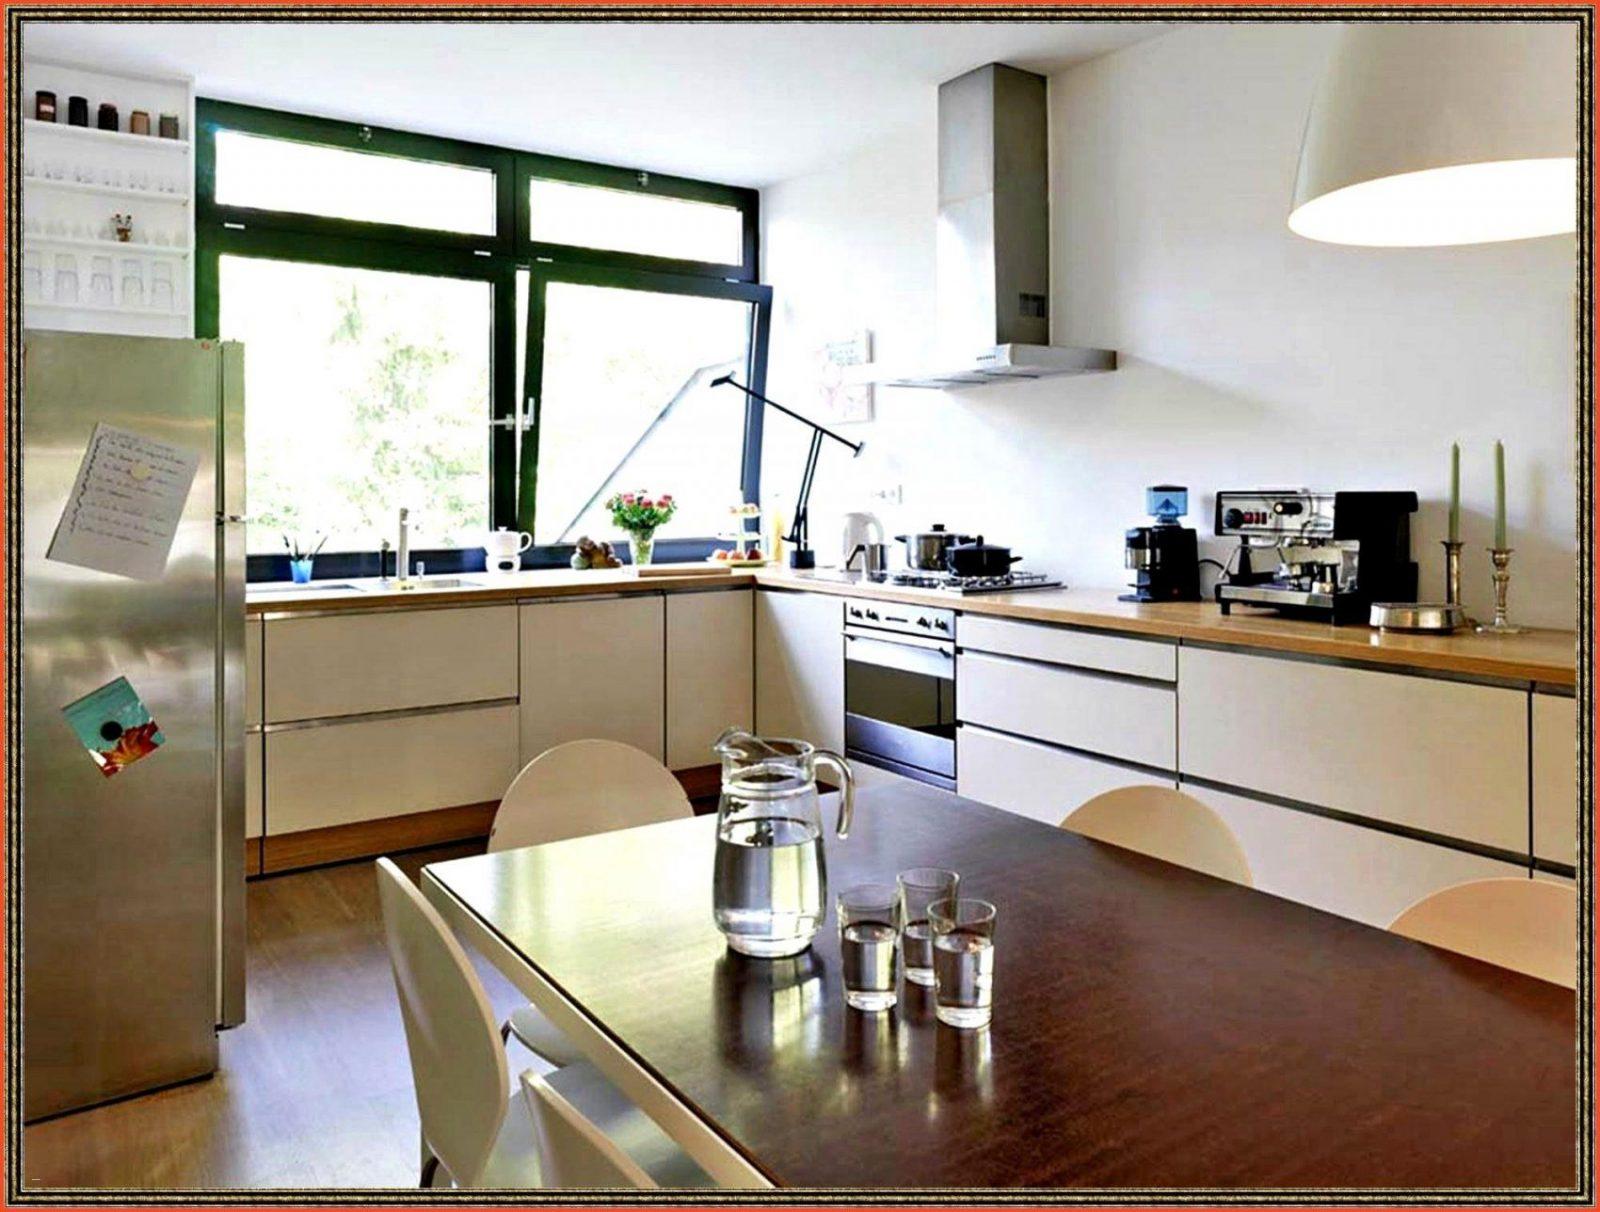 Schrank Für Einbauherd Selber Bauen Fresh 30 Cool Küche Diy Küchen von Schrank Für Einbauherd Selber Bauen Bild